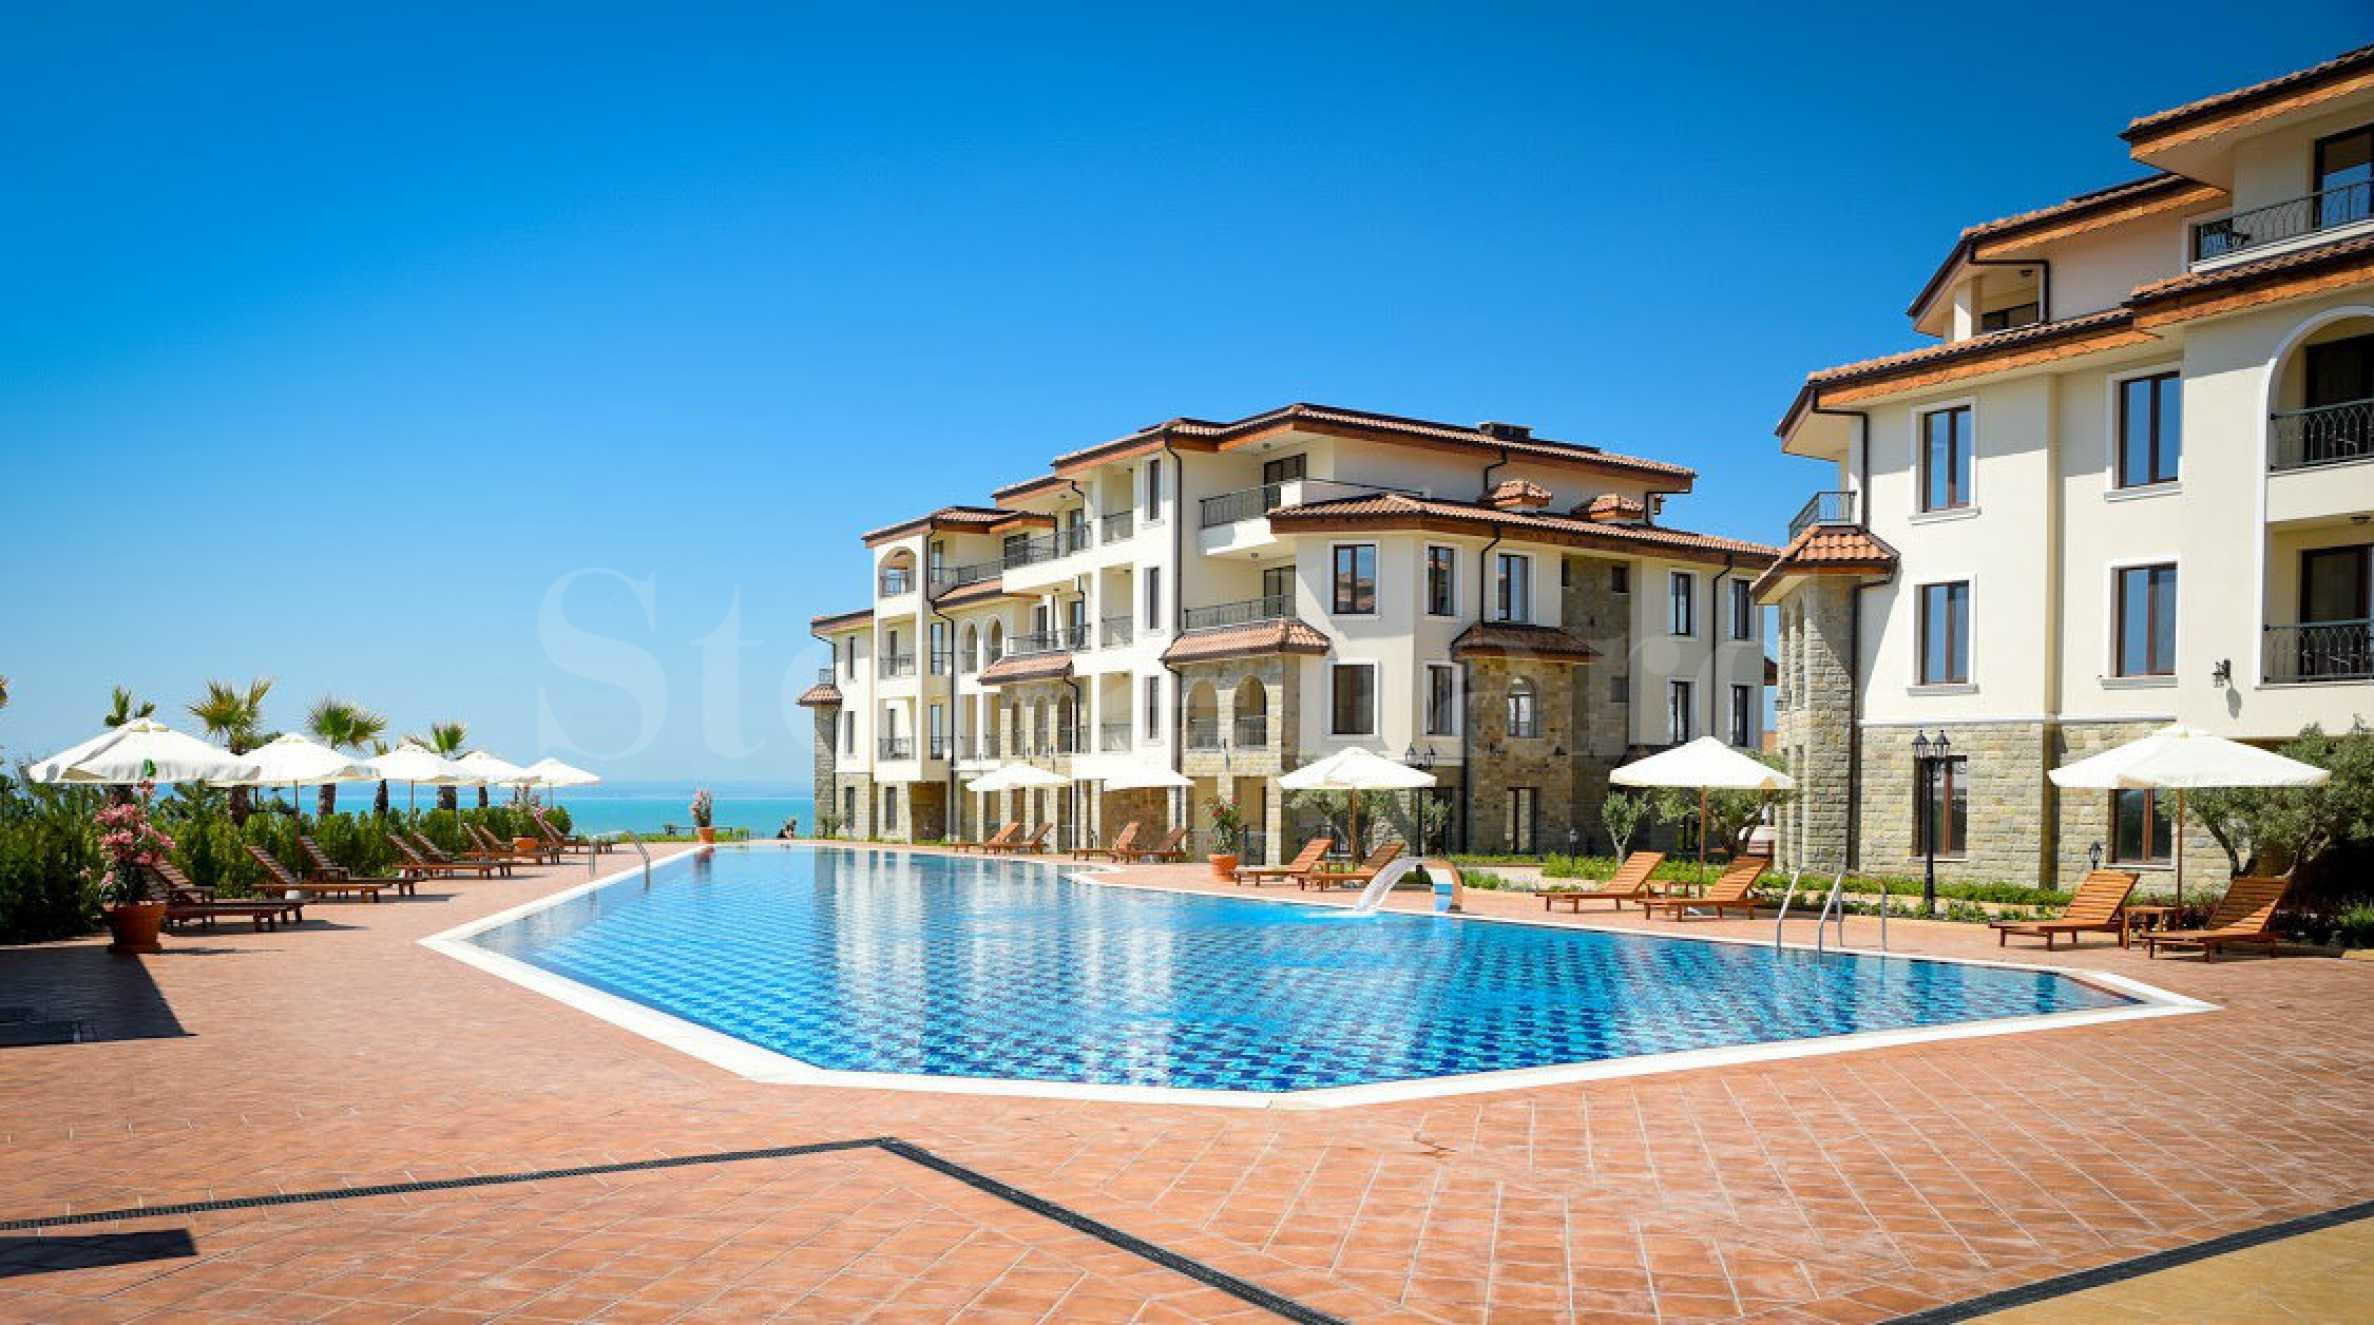 Апартаменти в комплекс в средиземноморски стил на първа линия1 - Stonehard